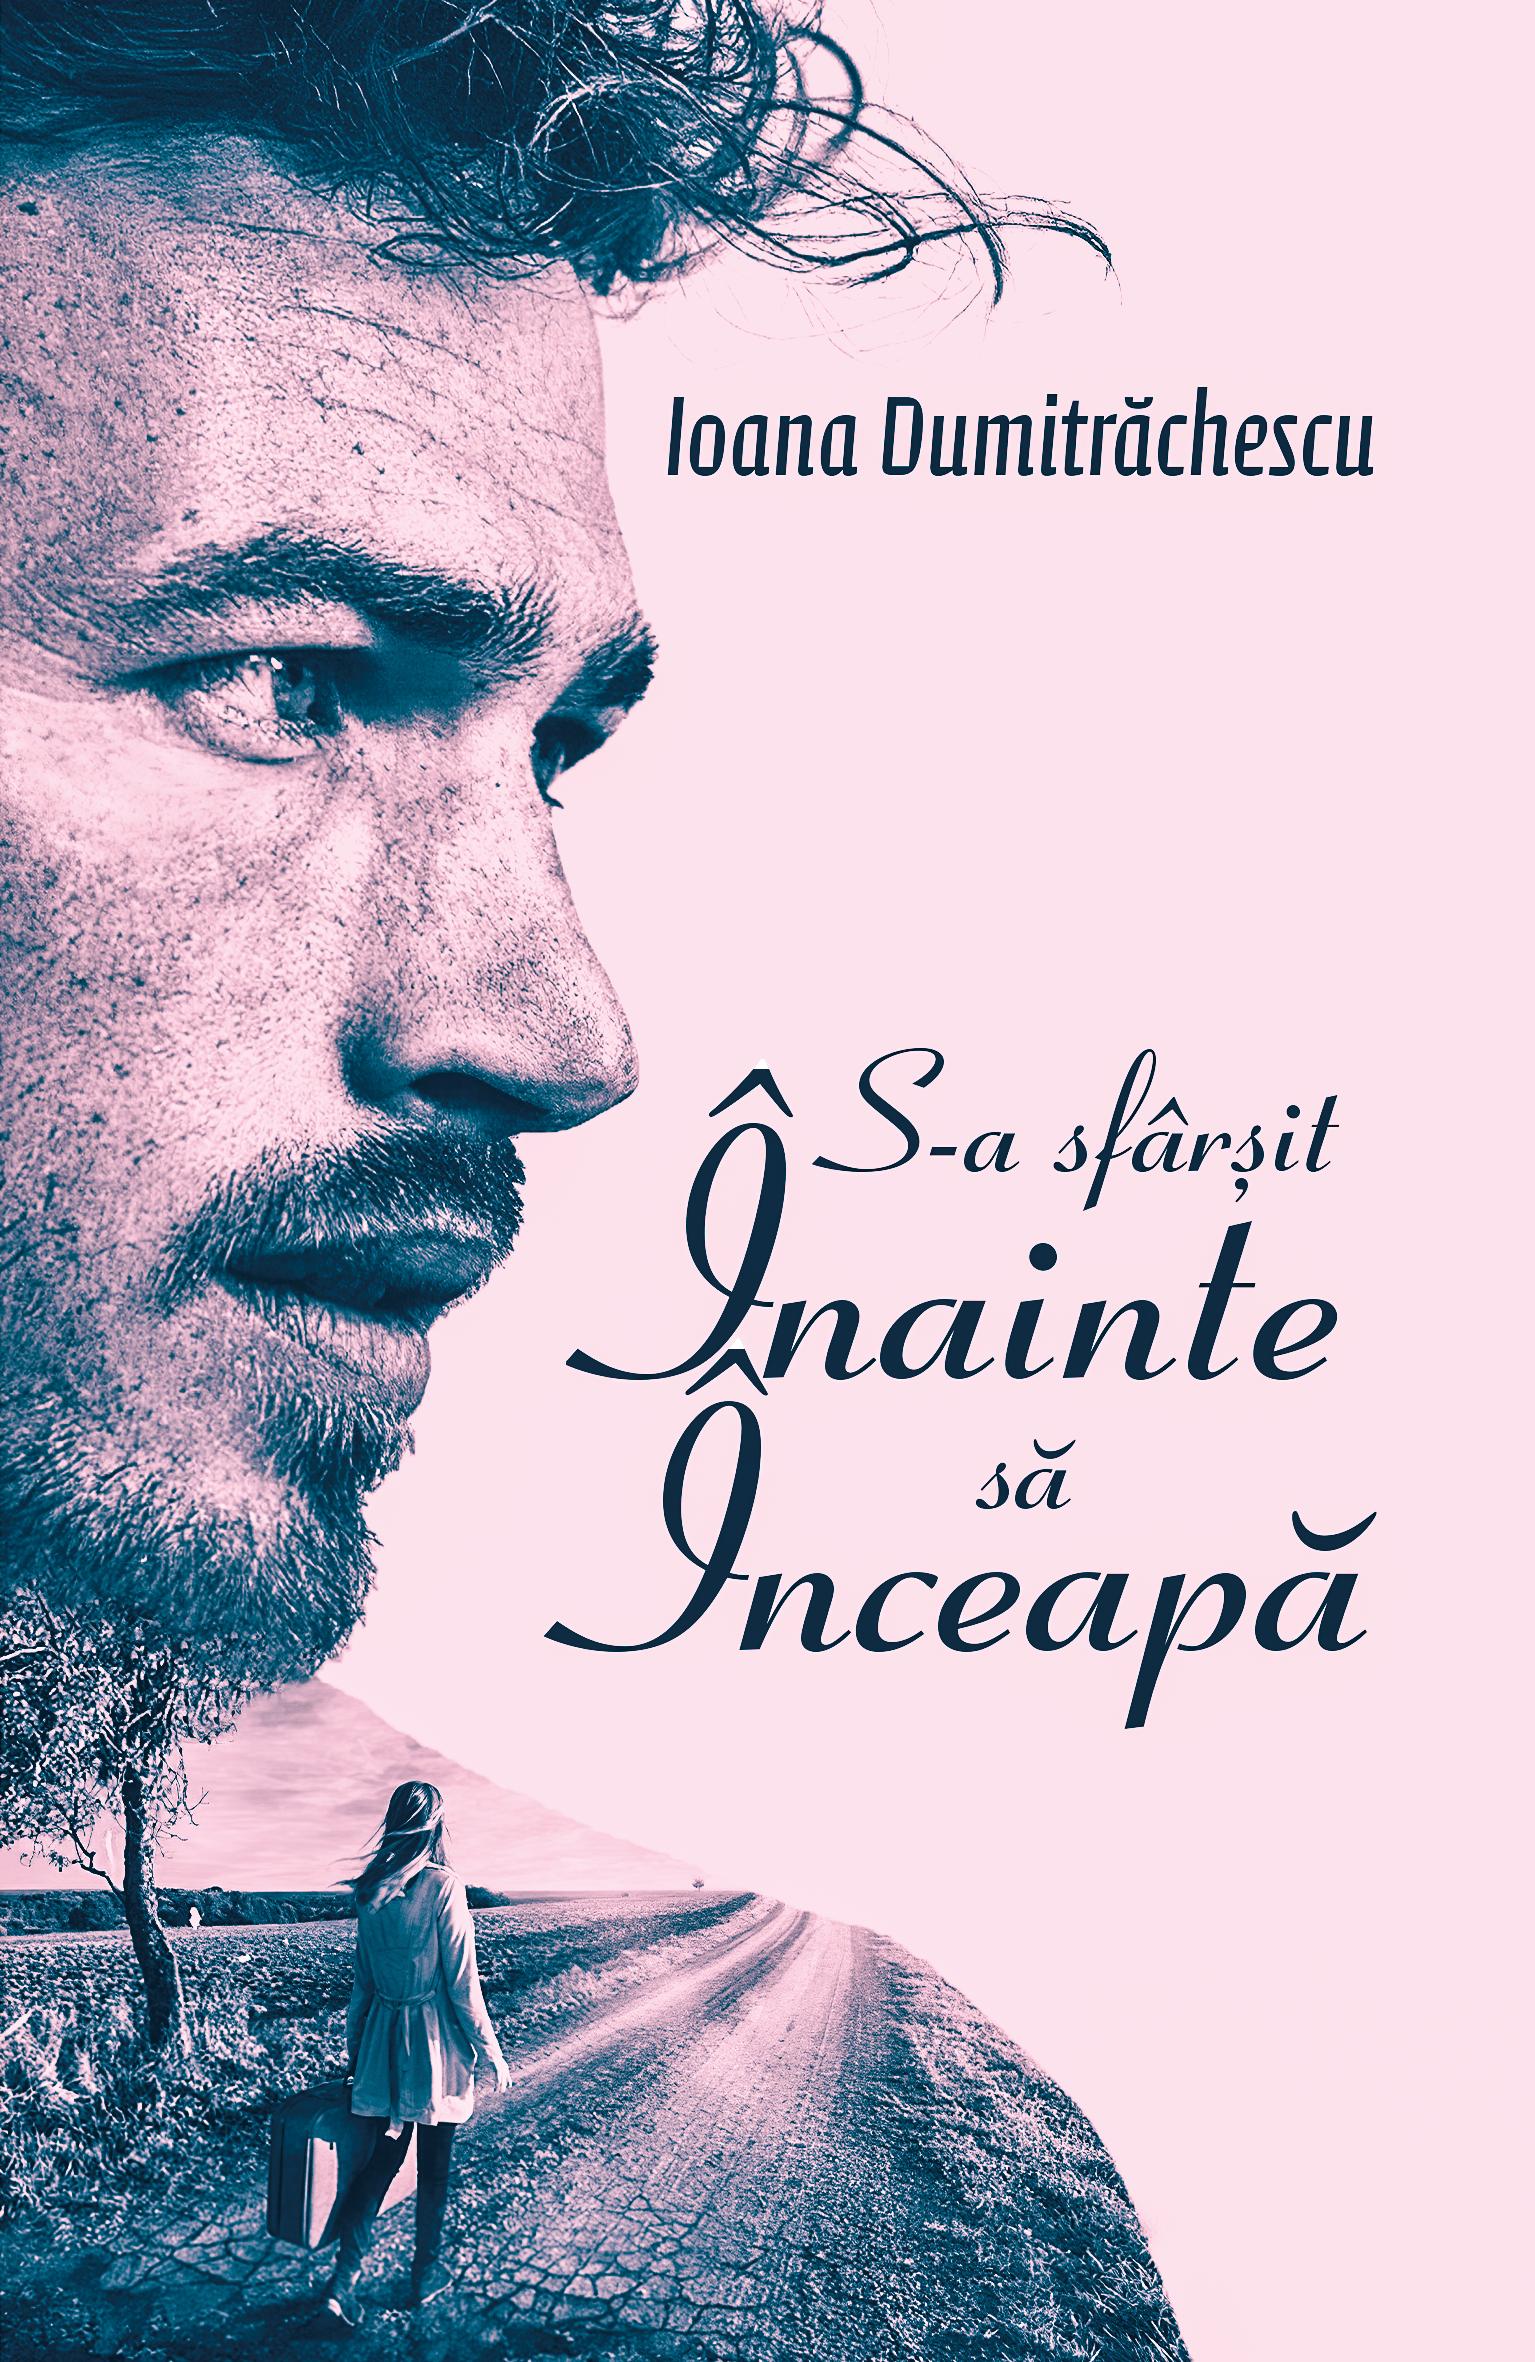 S-a sfârșit înainte să înceapă by Ioana Dumitrachescu